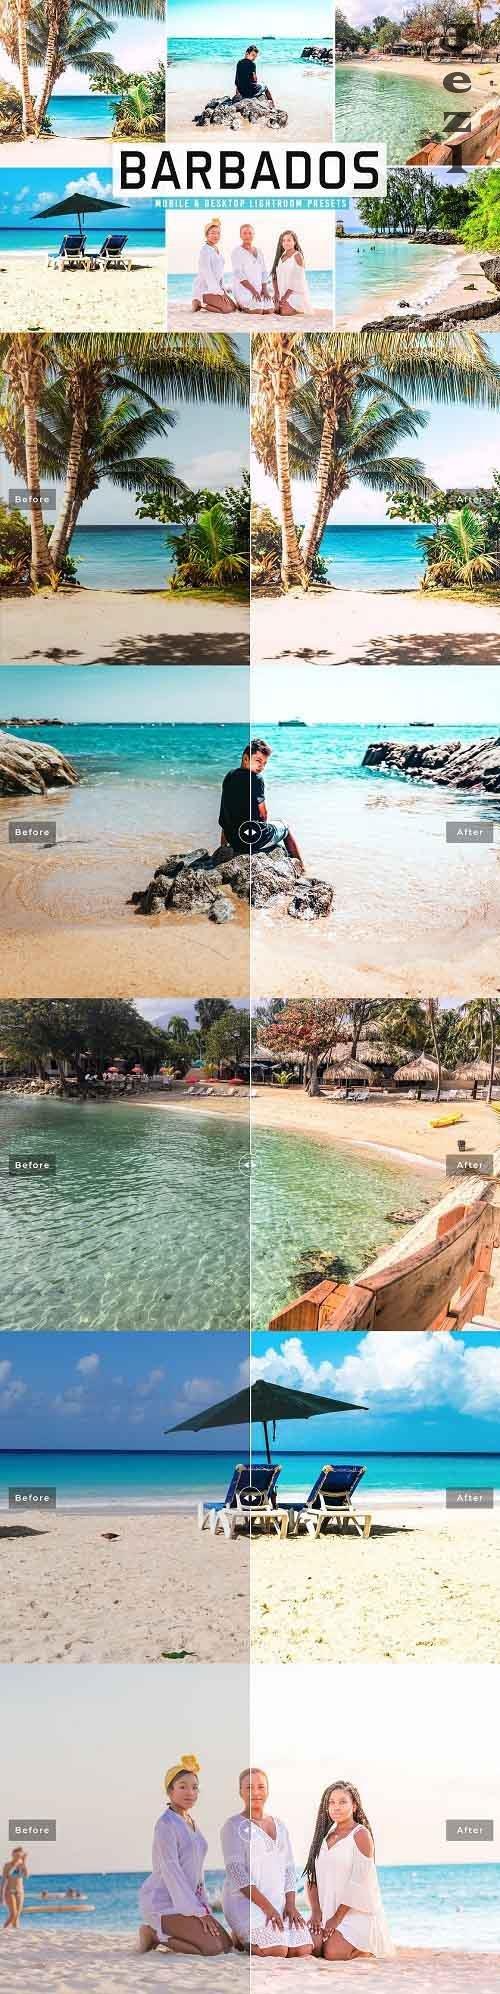 Barbados Pro LRM Presets - 5498215 - Mobile & Desktop